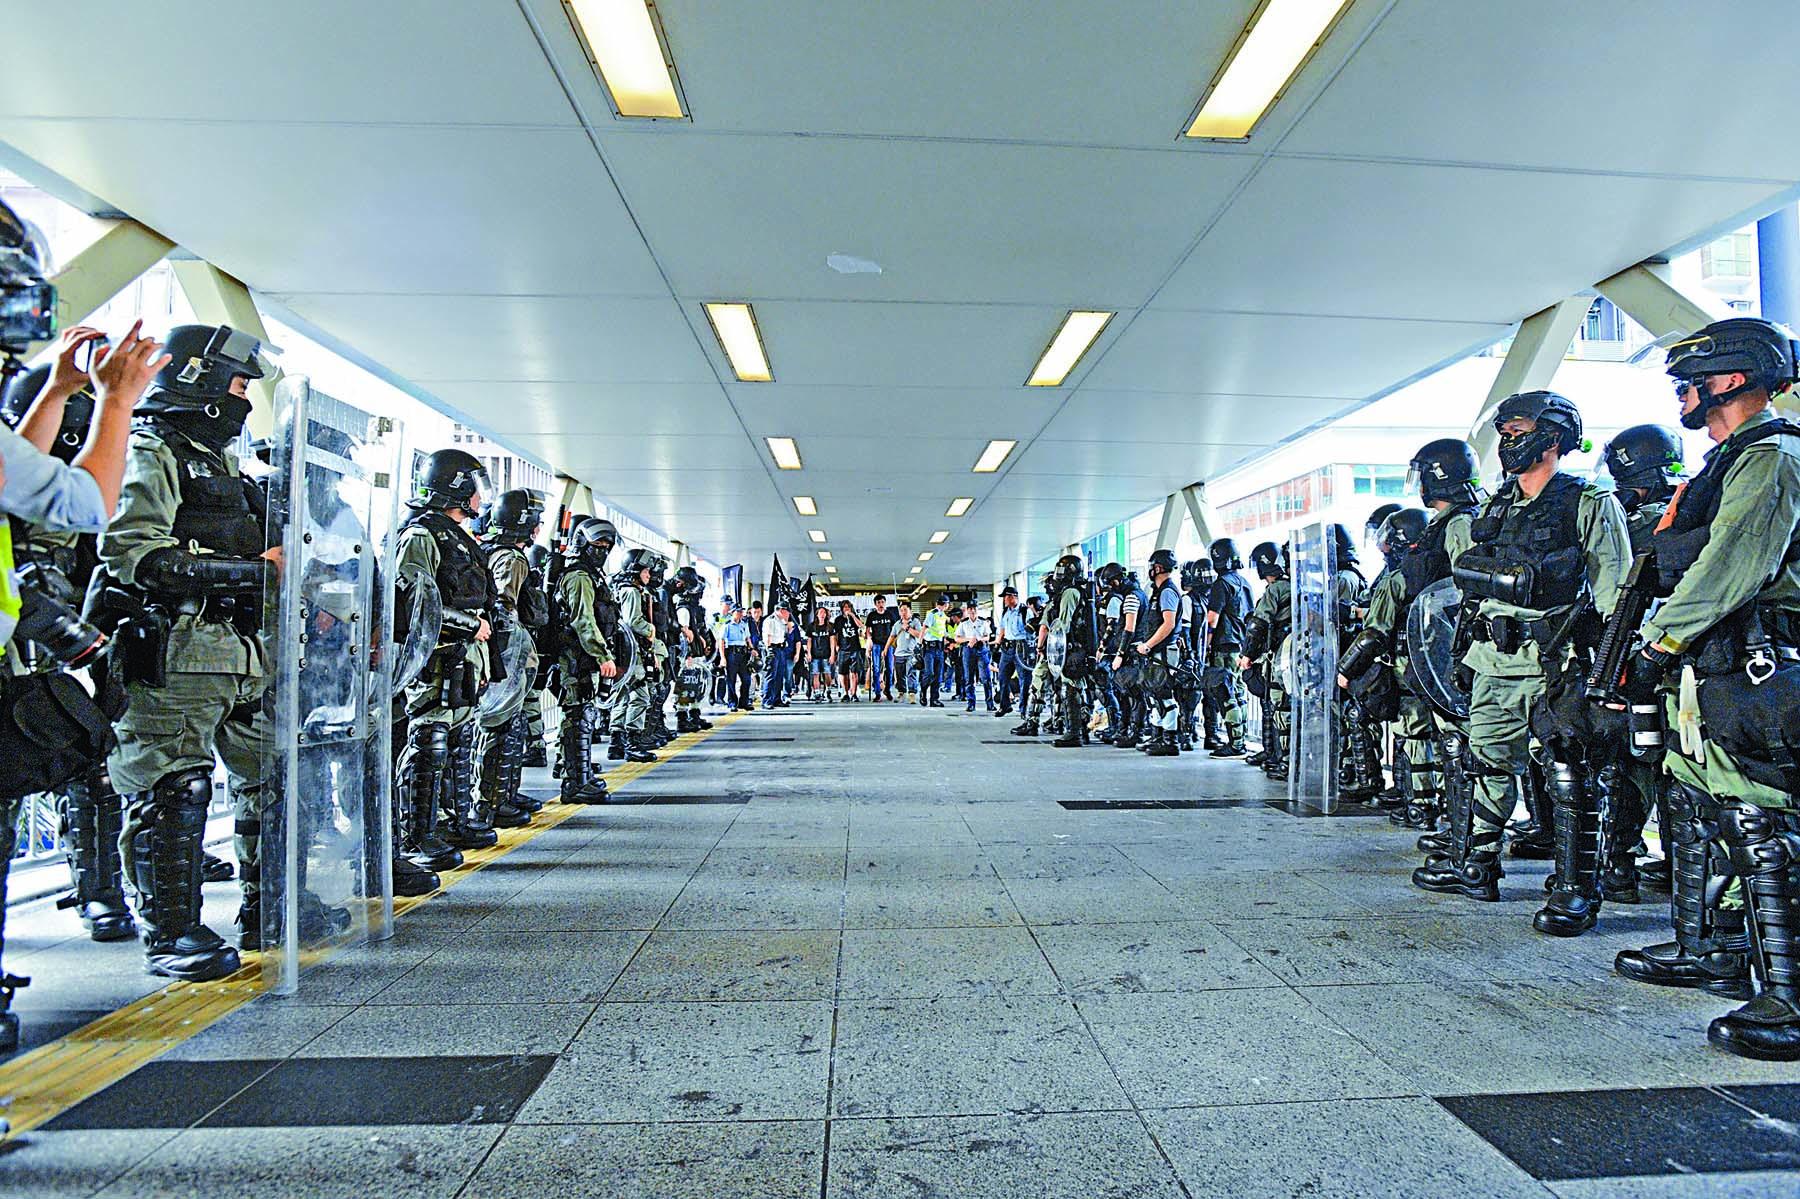 警方嚴防遊行出現騷亂,以安排足夠人手隨時候命。